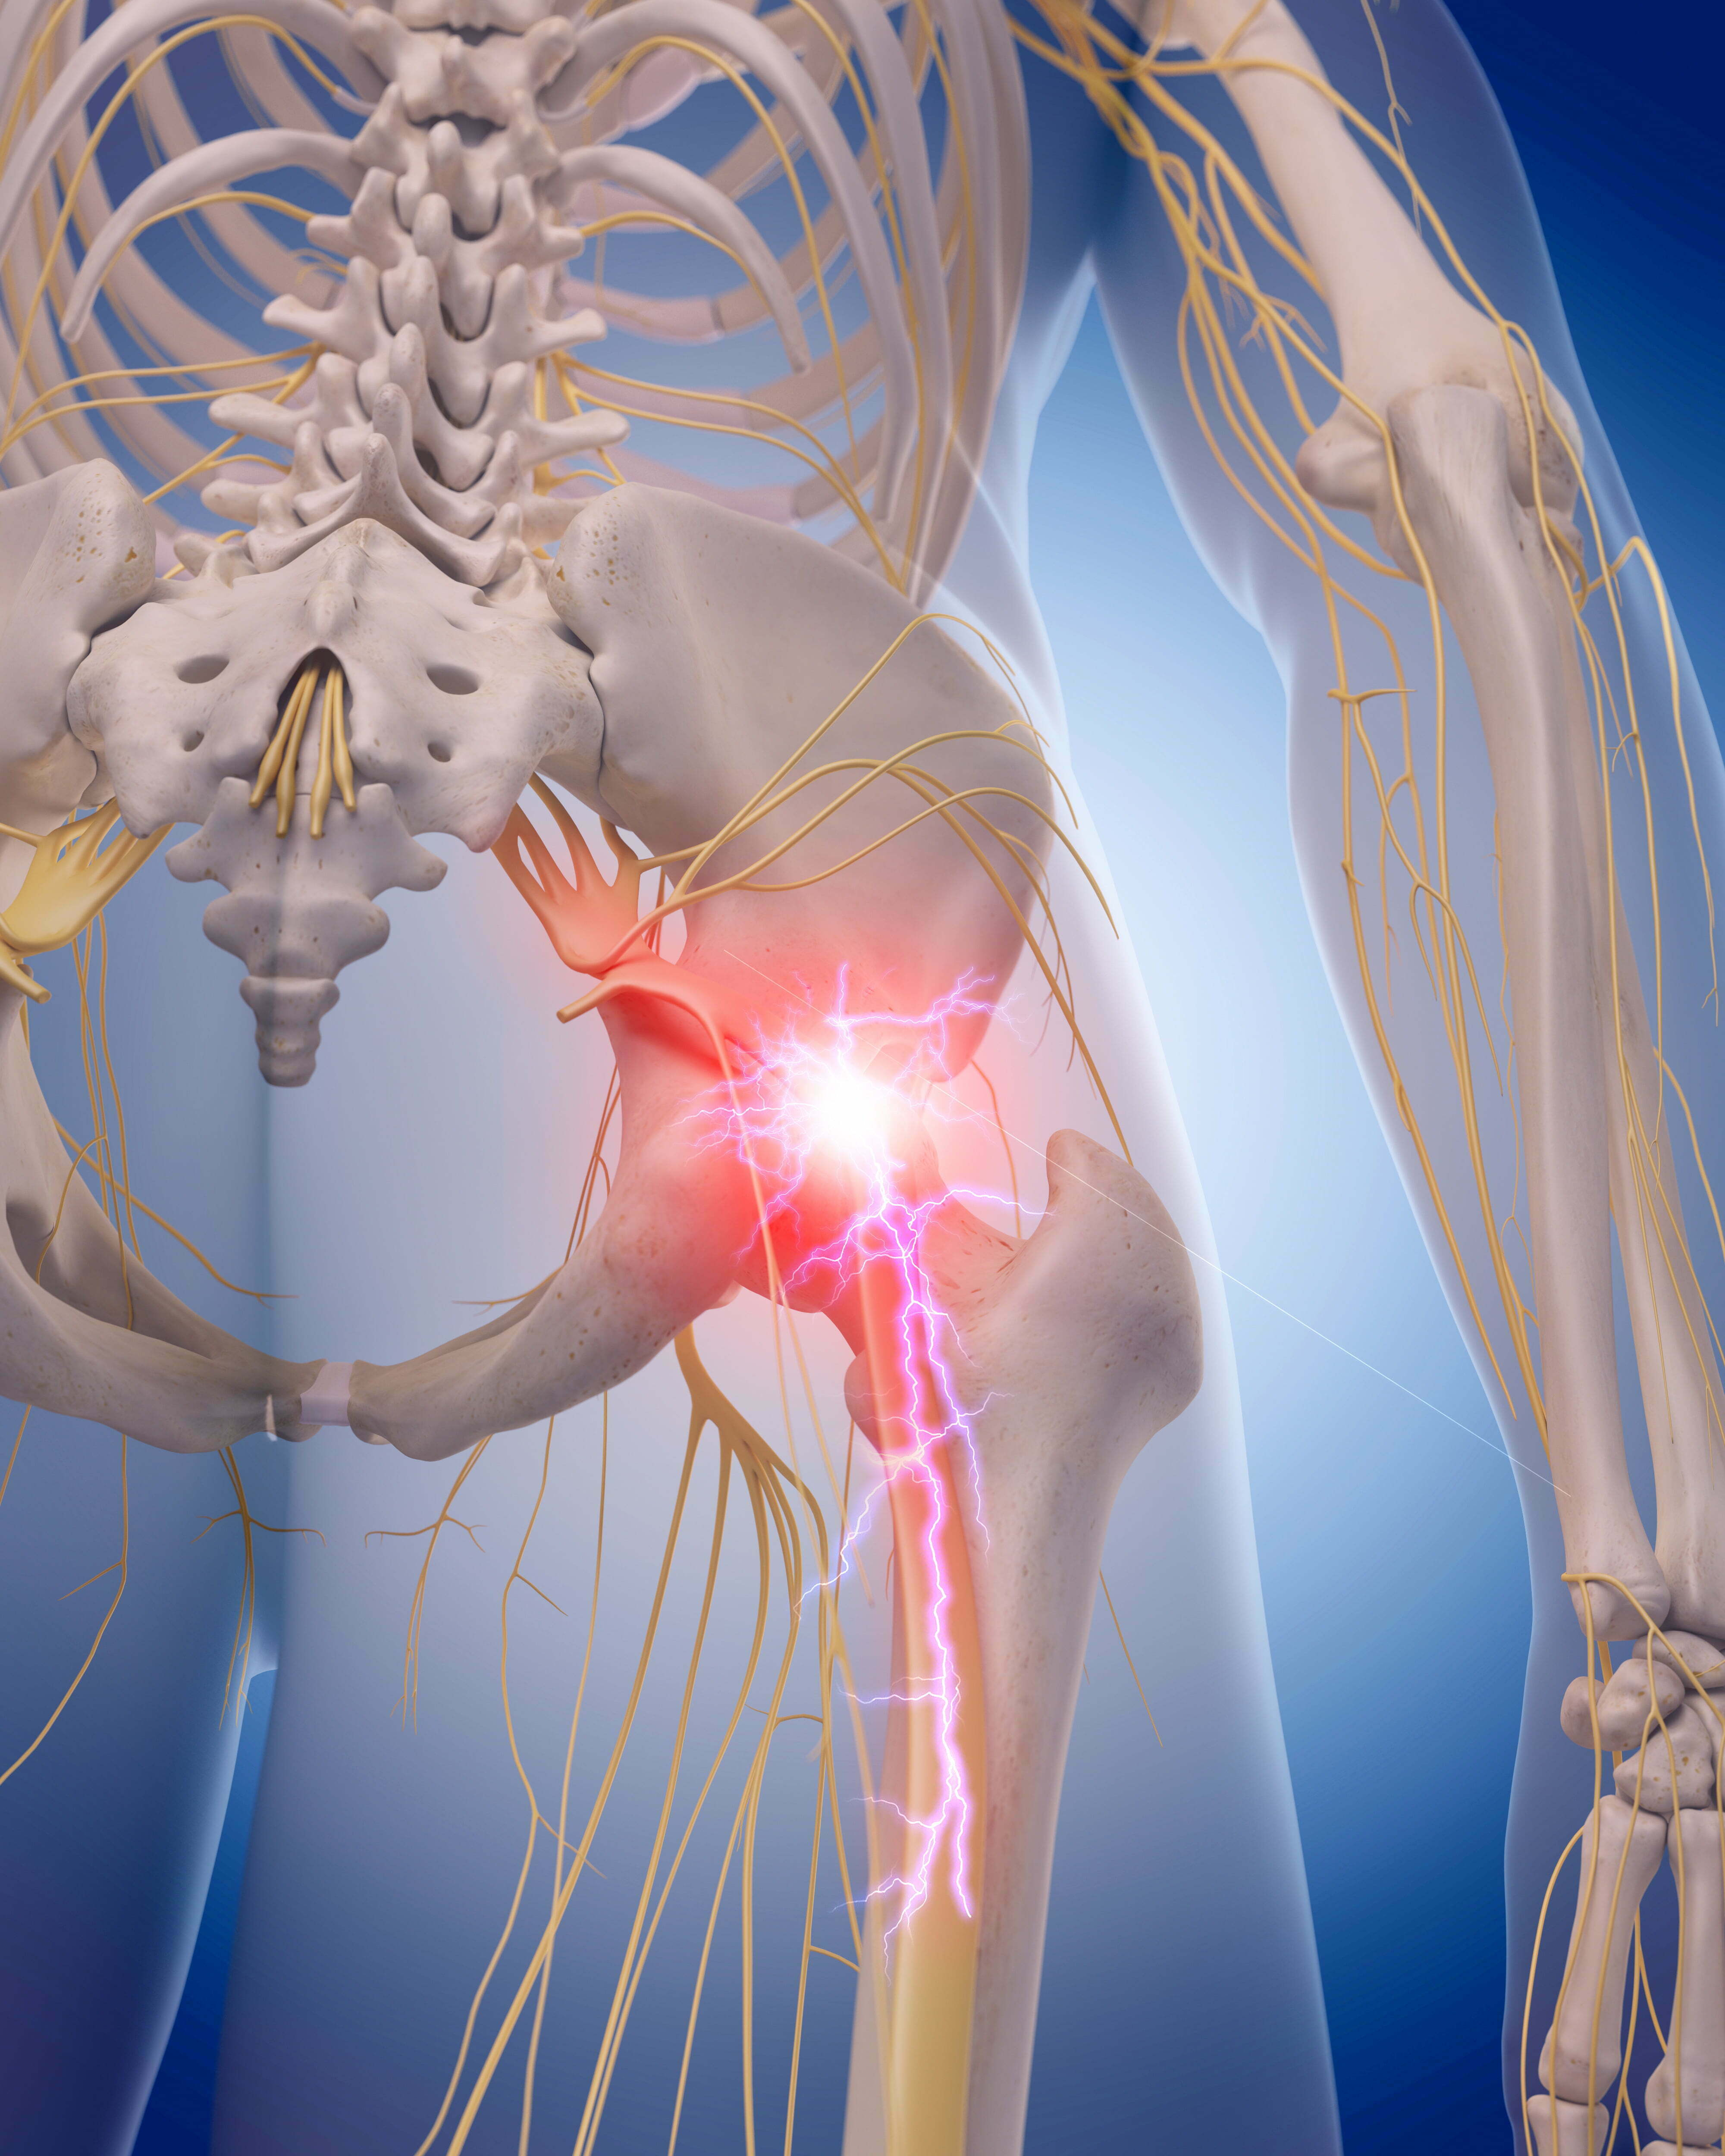 bigstock medically accurate illustratio 100377239